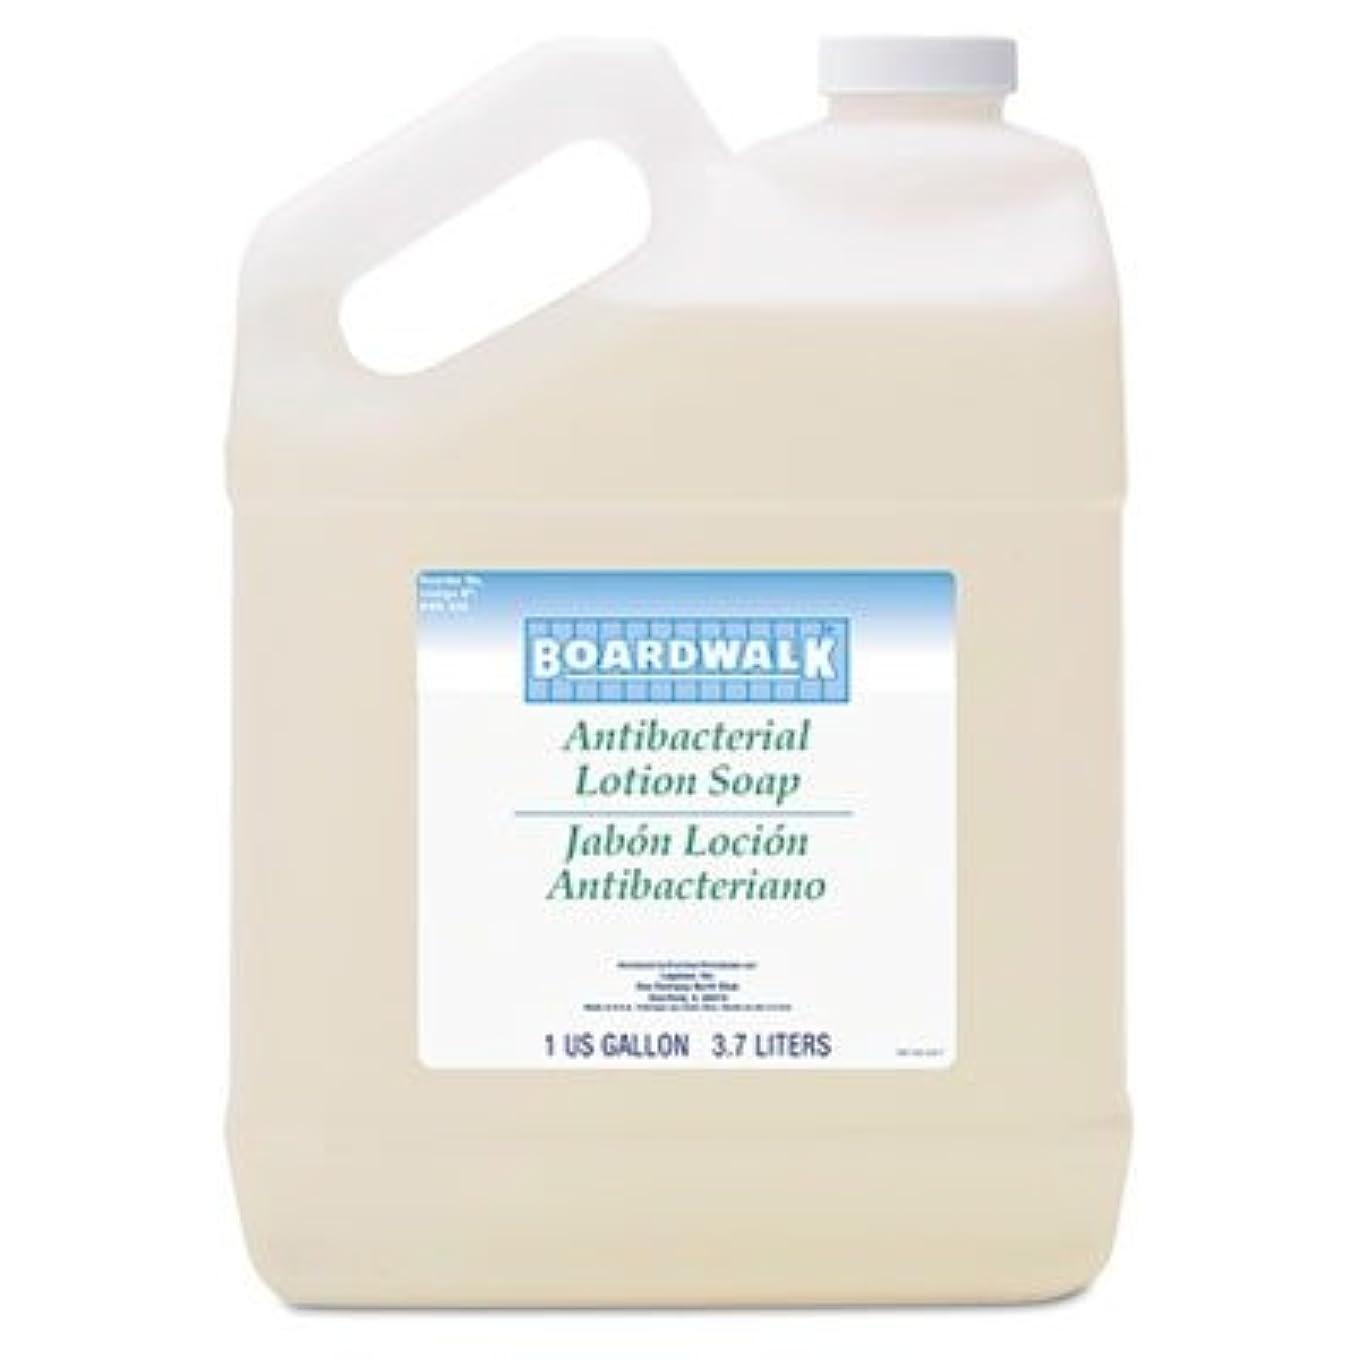 切手ドナーノートボードウォーク430ea抗菌Liquid Soap、花柄Balsam、1ガロンボトル